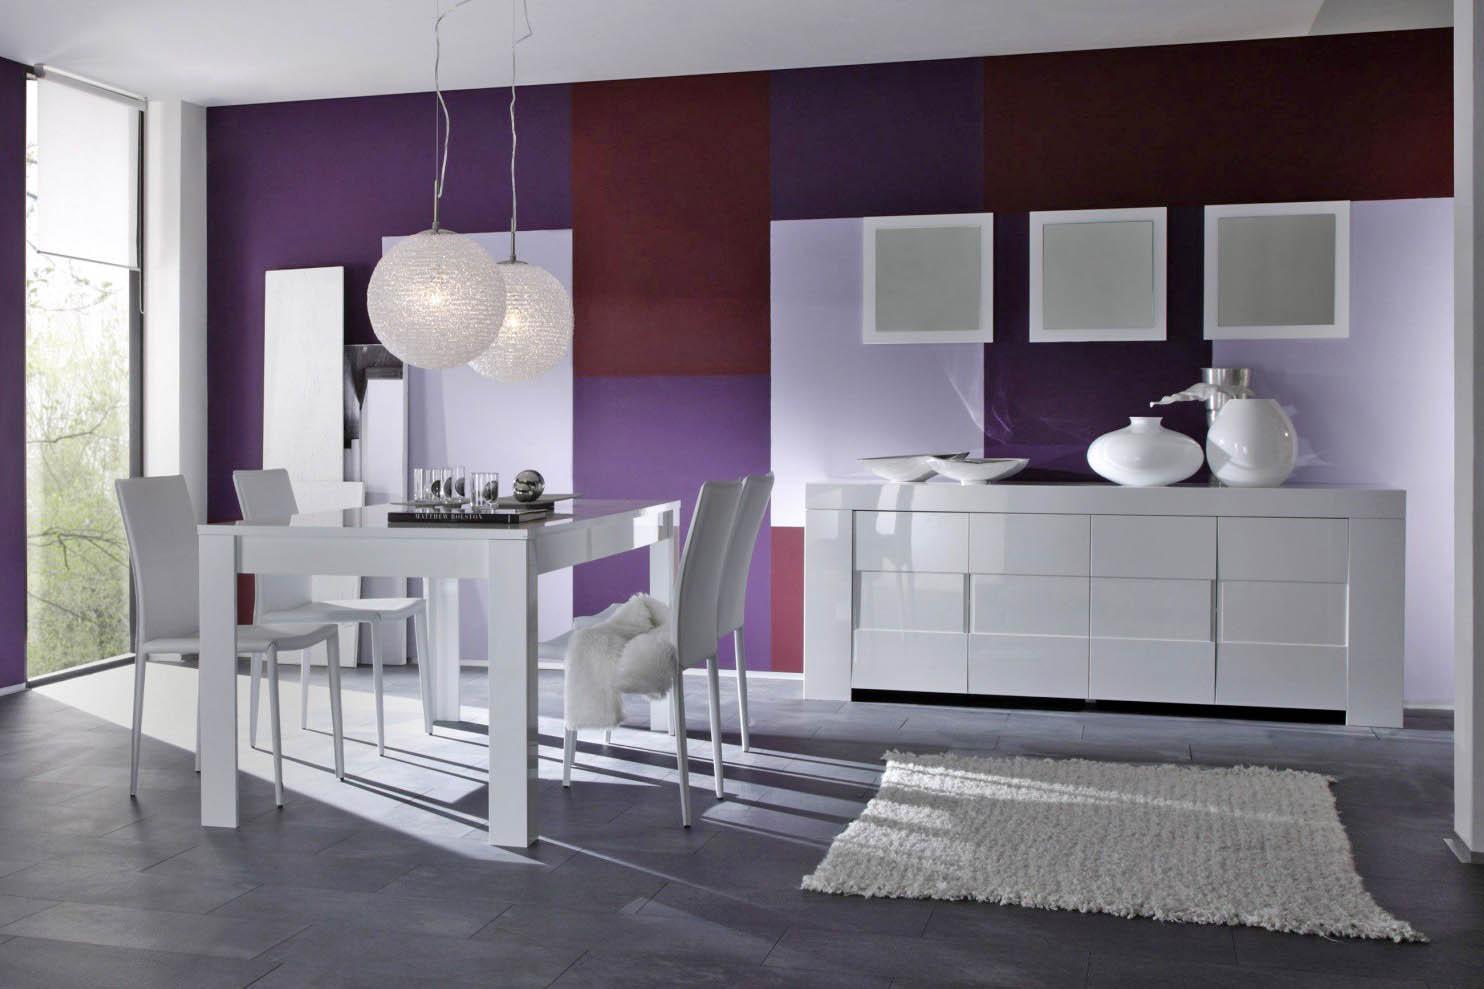 Architecte d 39 int rieur marseille alain martin mobilier d coration architecture c t - Architecte d interieur marseille ...